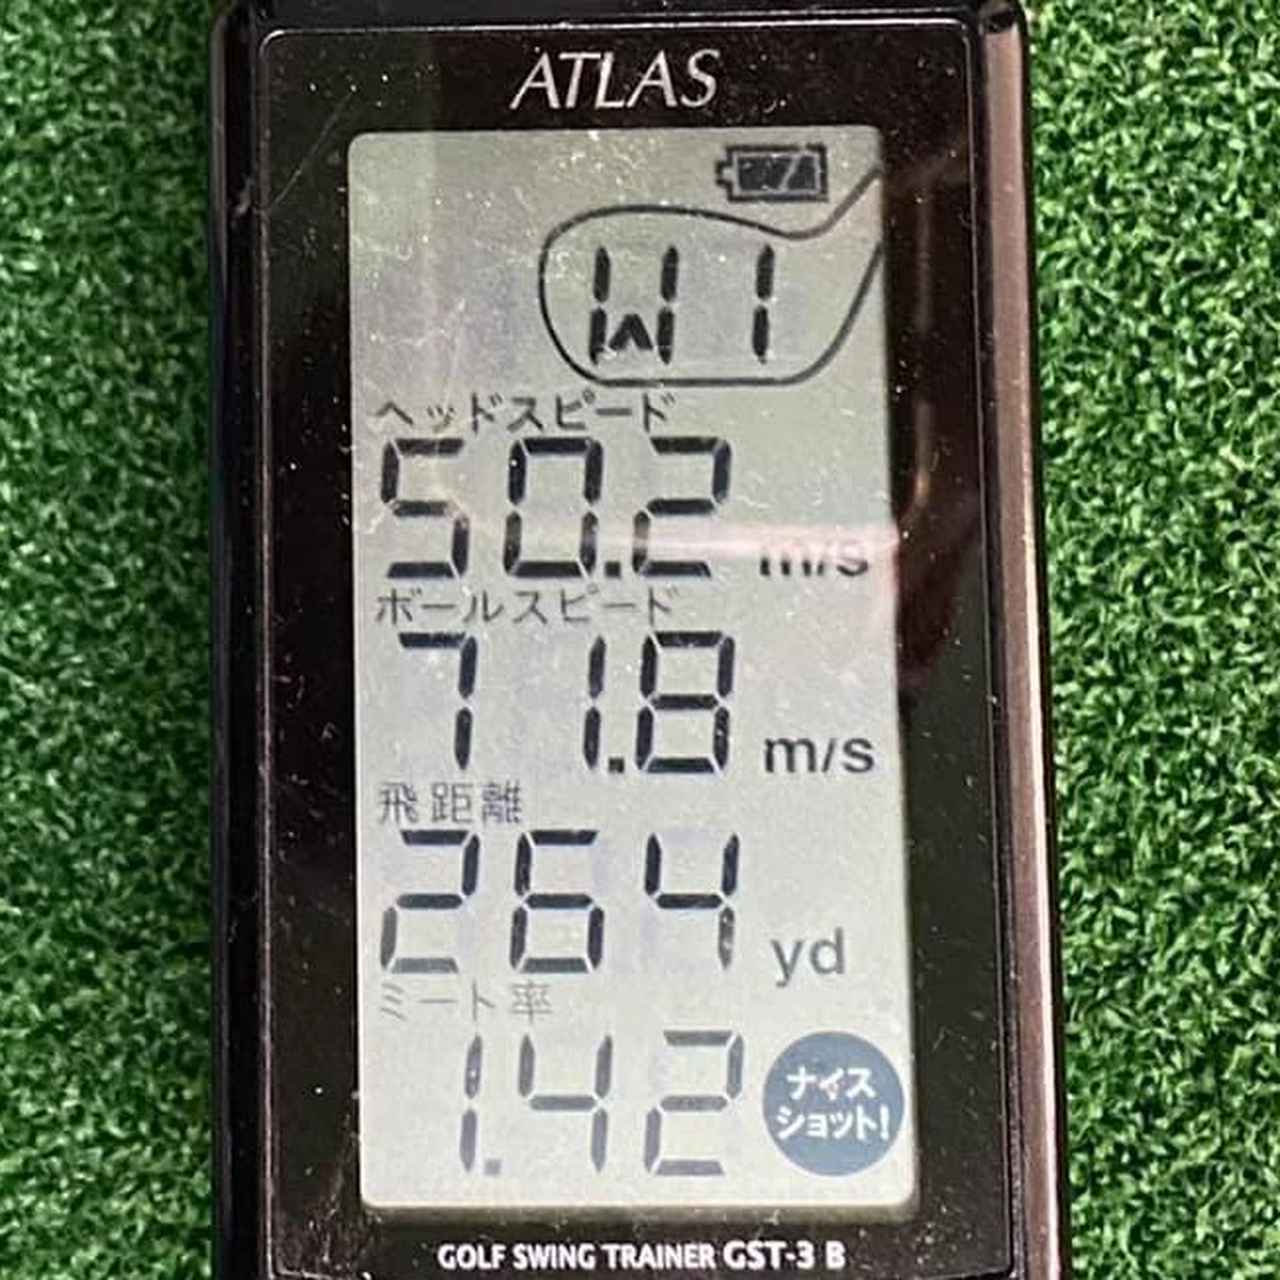 画像: 今年還暦を迎えた羽藤氏がヘッドスピード50m/s越えを達成した